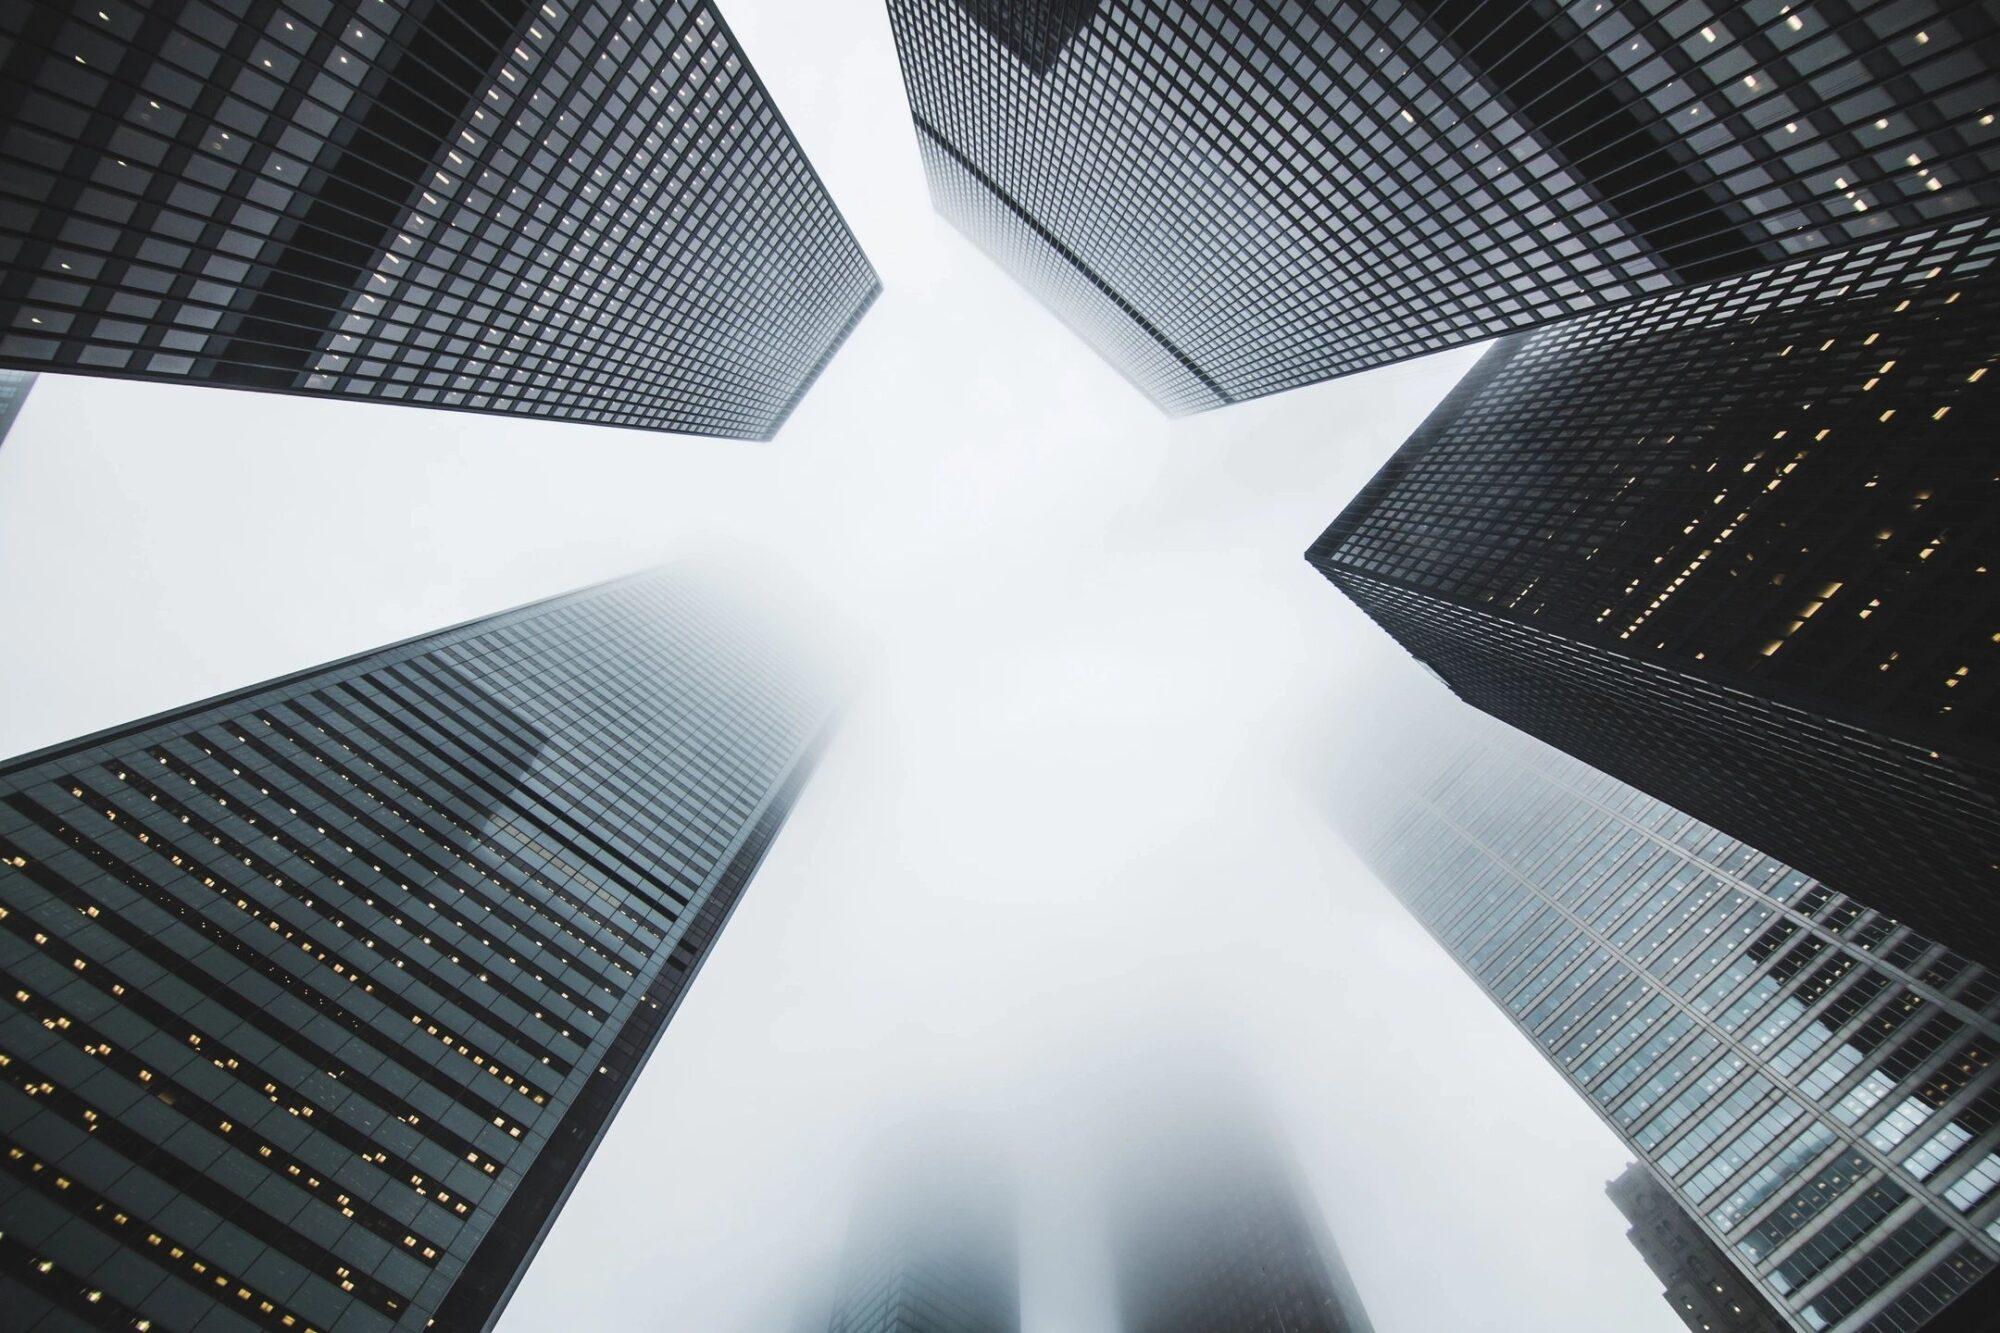 Advogado tributarista | Por que contratá-lo?